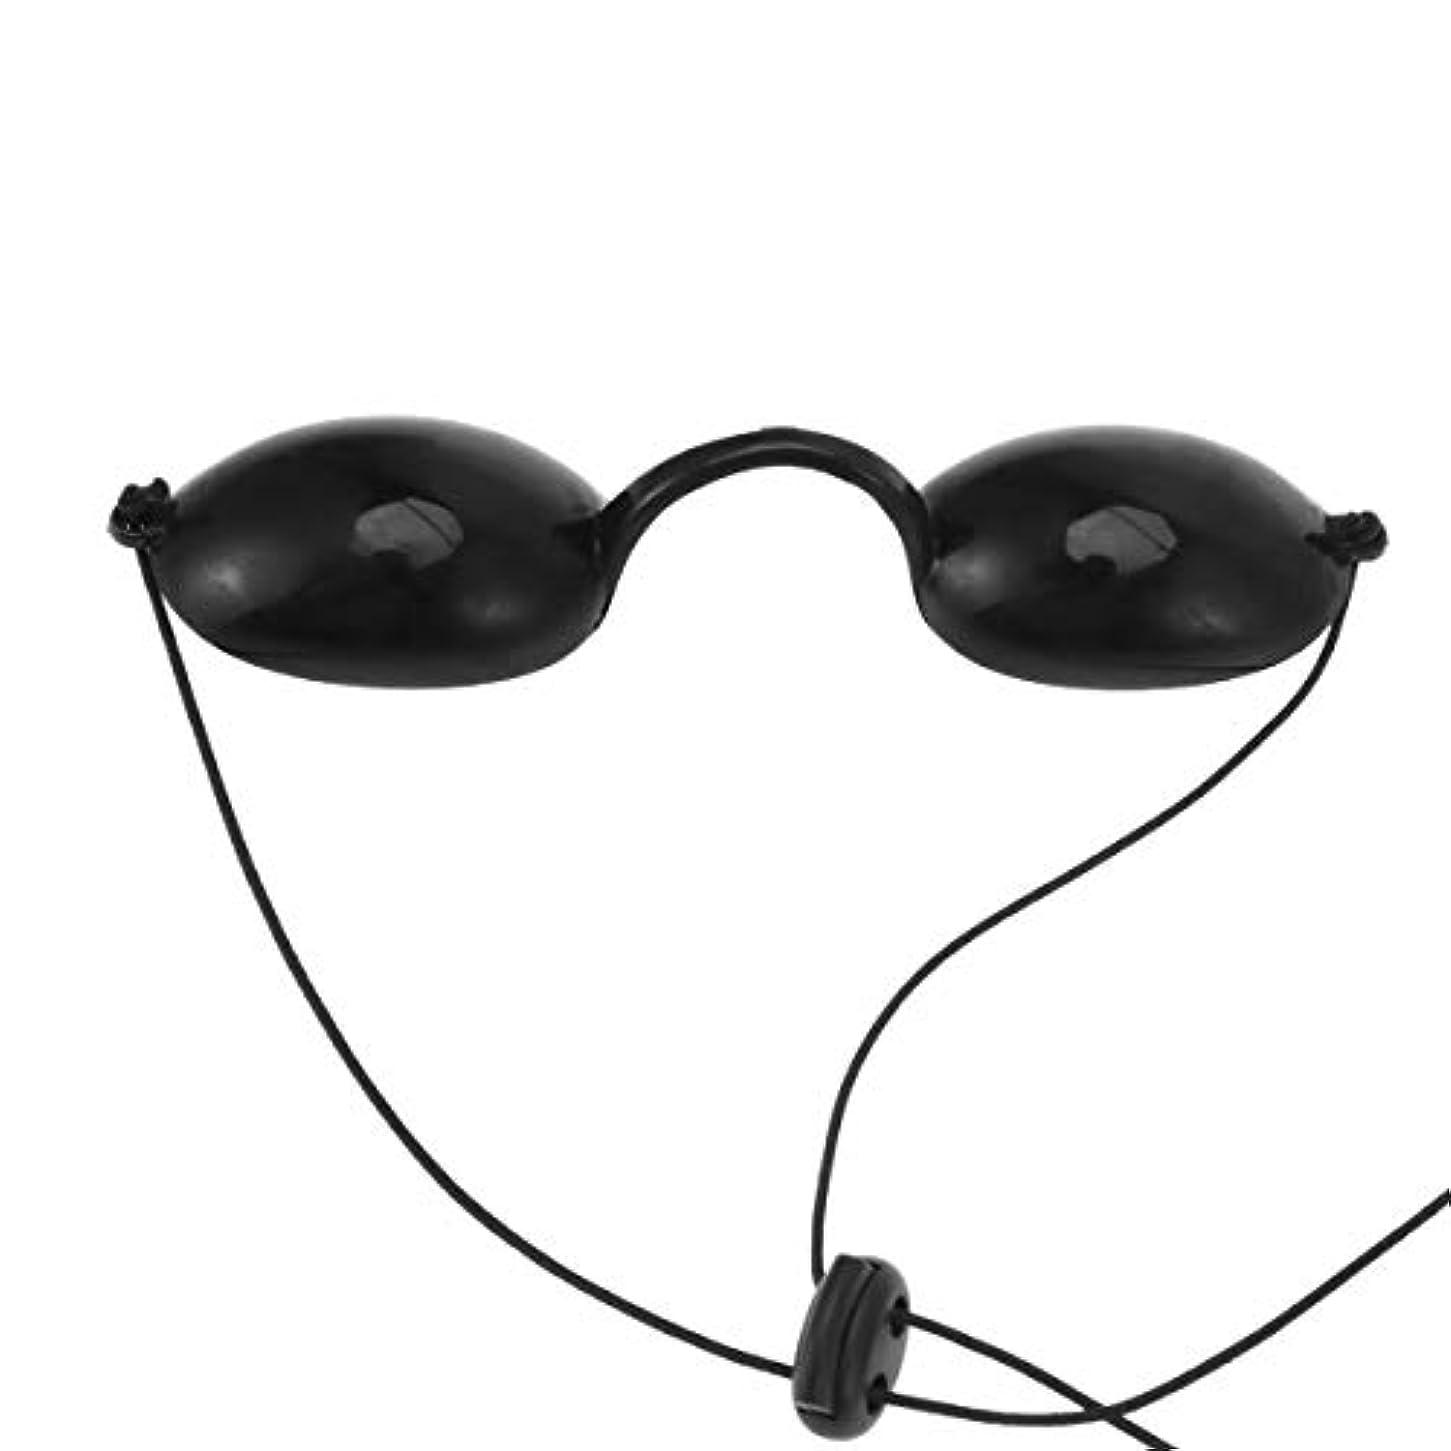 それぞれ明るいレイSUPVOX成人日焼けゴーグルUVプロテクションアイパッチライトセラピーメガネアイカラー(ブラック)